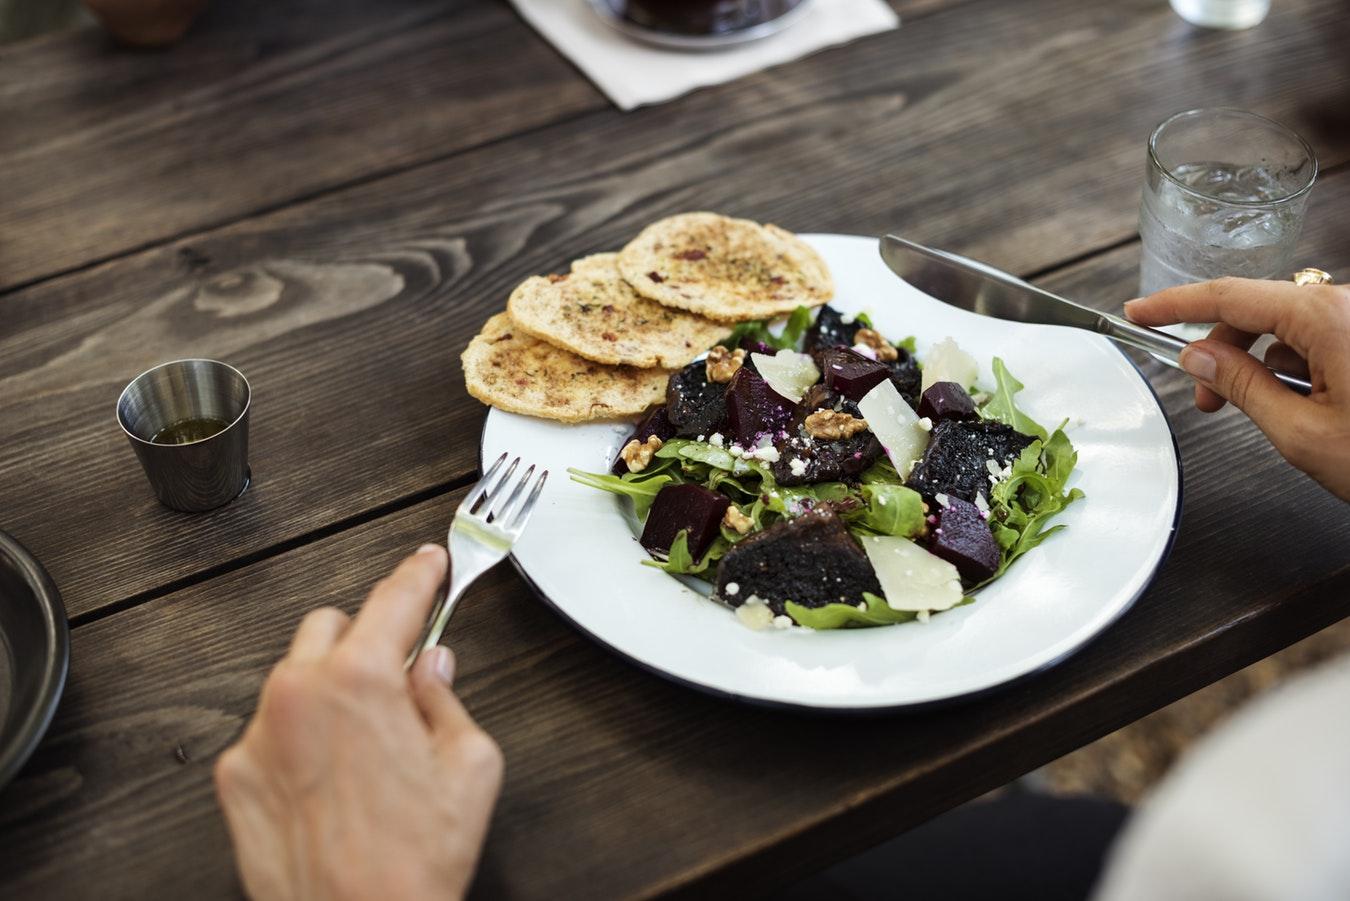 Dieta estiva per chi pranza fuori casa